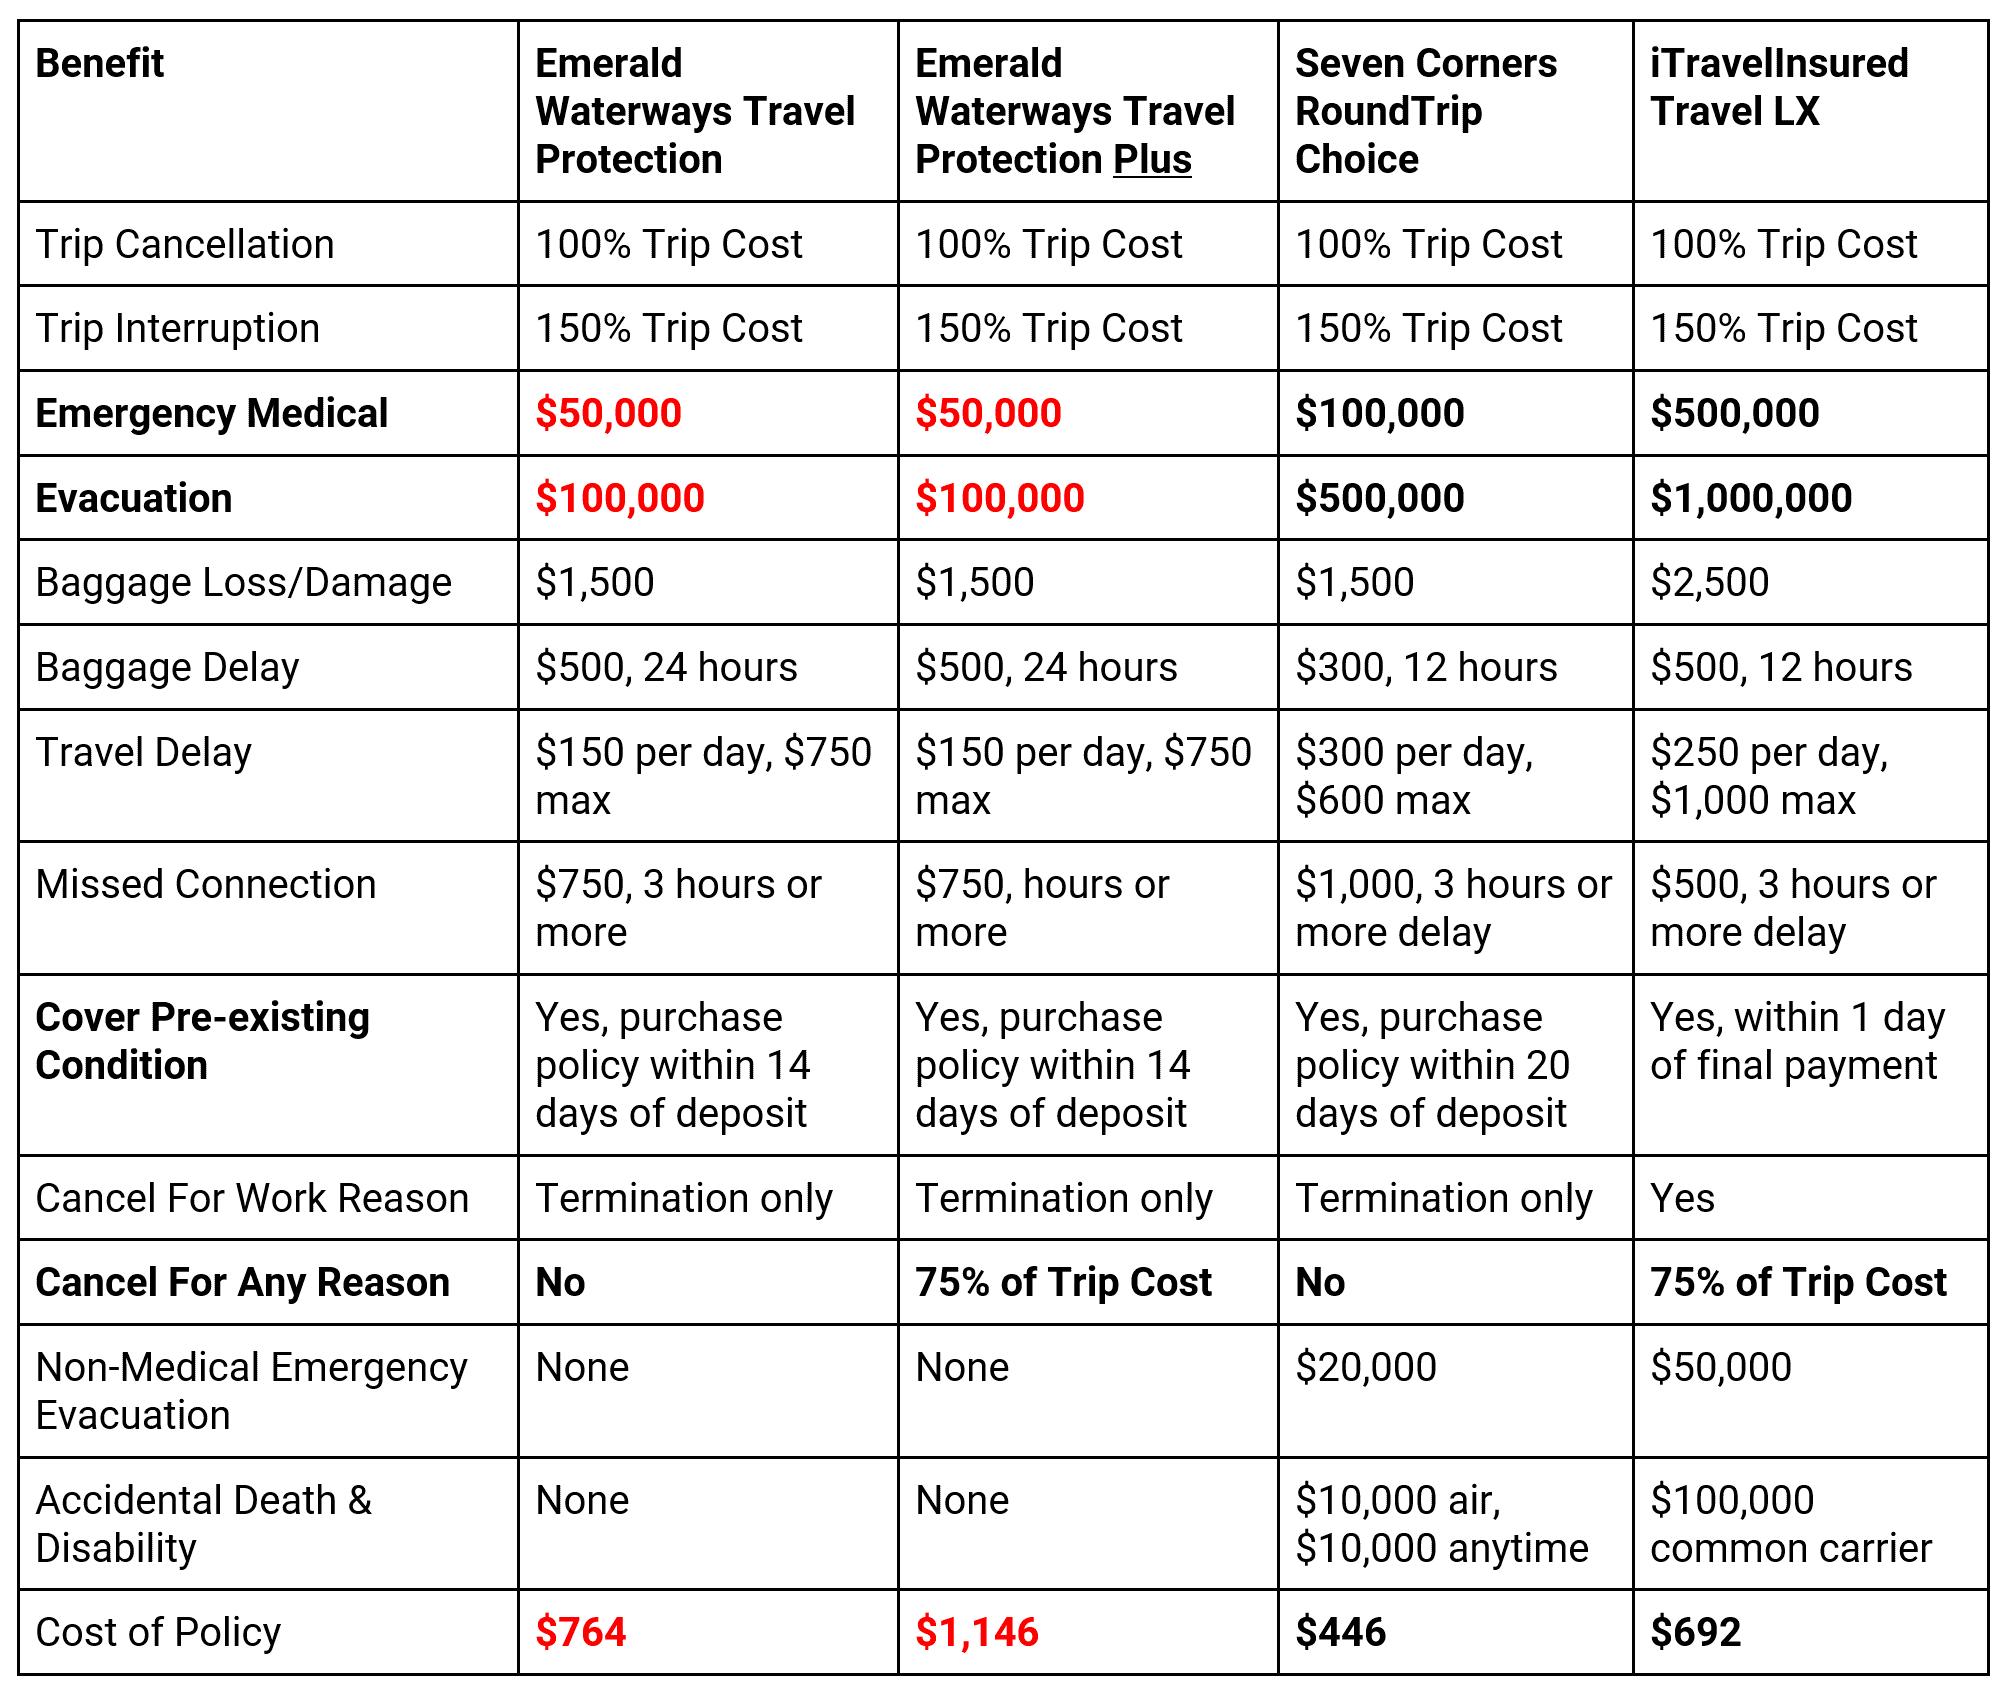 Emerald-Waterways-Comparison | AardvarkCompare.com